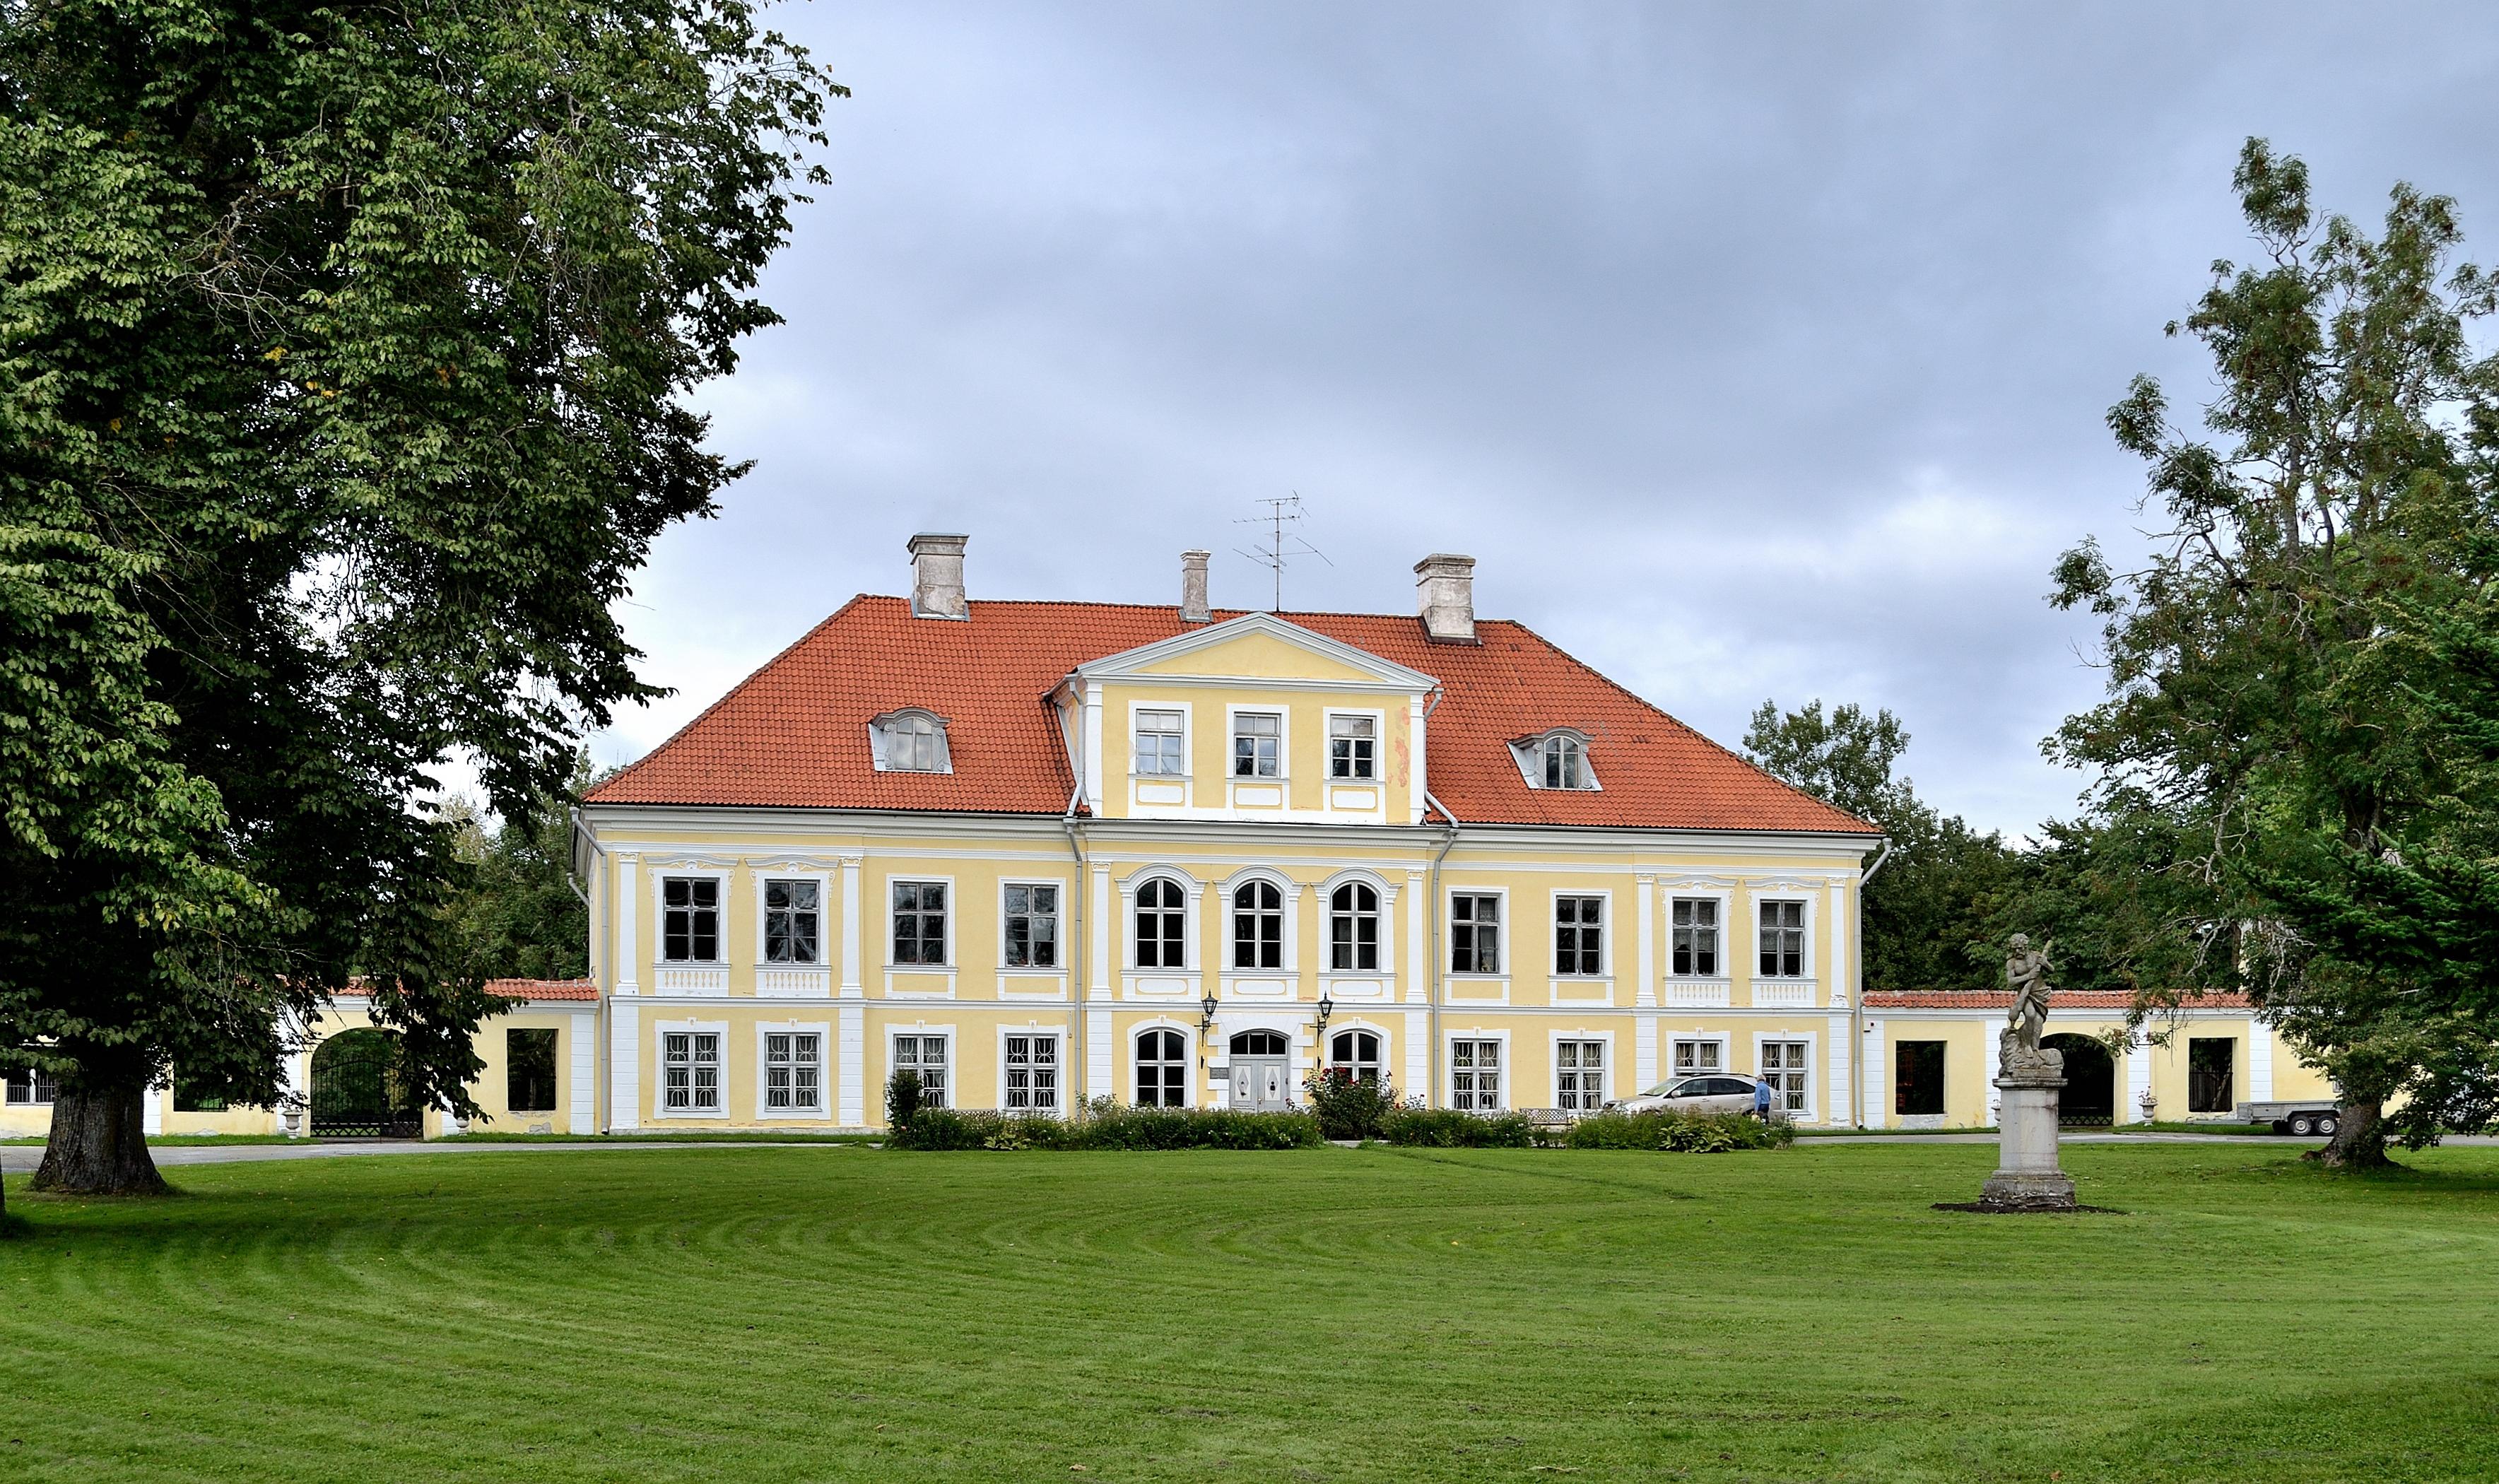 Gutshof Saue (dt. Klein-Sauß, Friedrichshof)